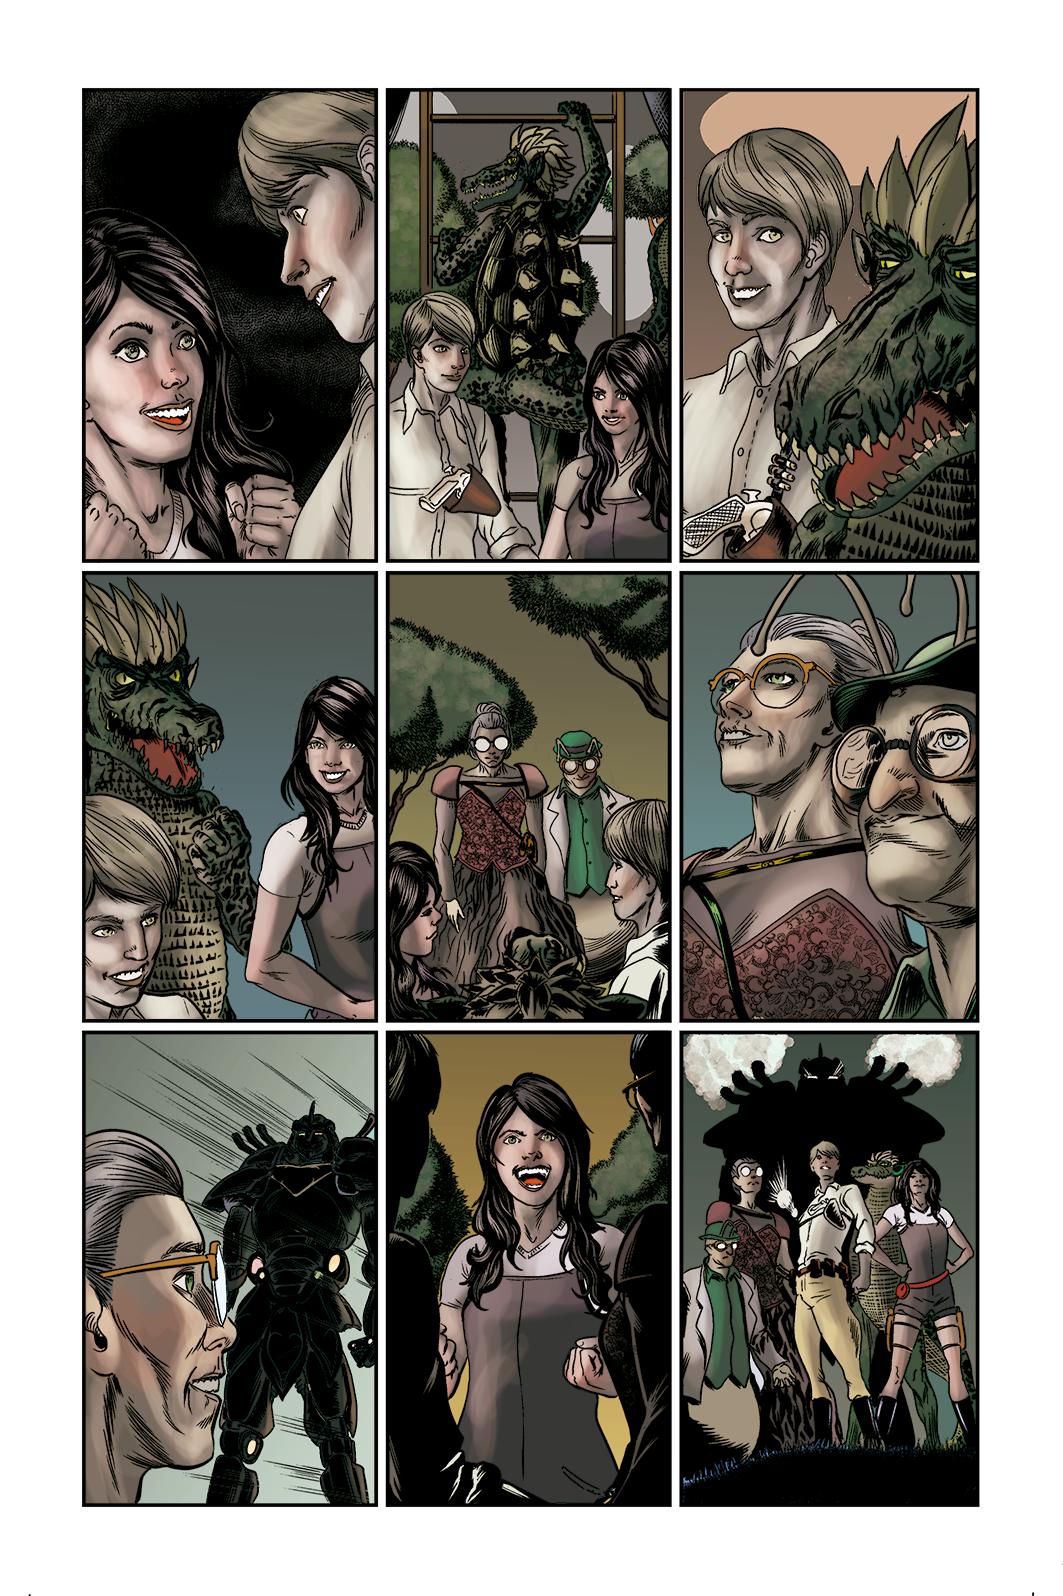 """Página 10 de """"E.M.1 L 1.4"""", da antologia RANCHO DO CORVO DOURADO, de 2019. Linhas e colorização."""